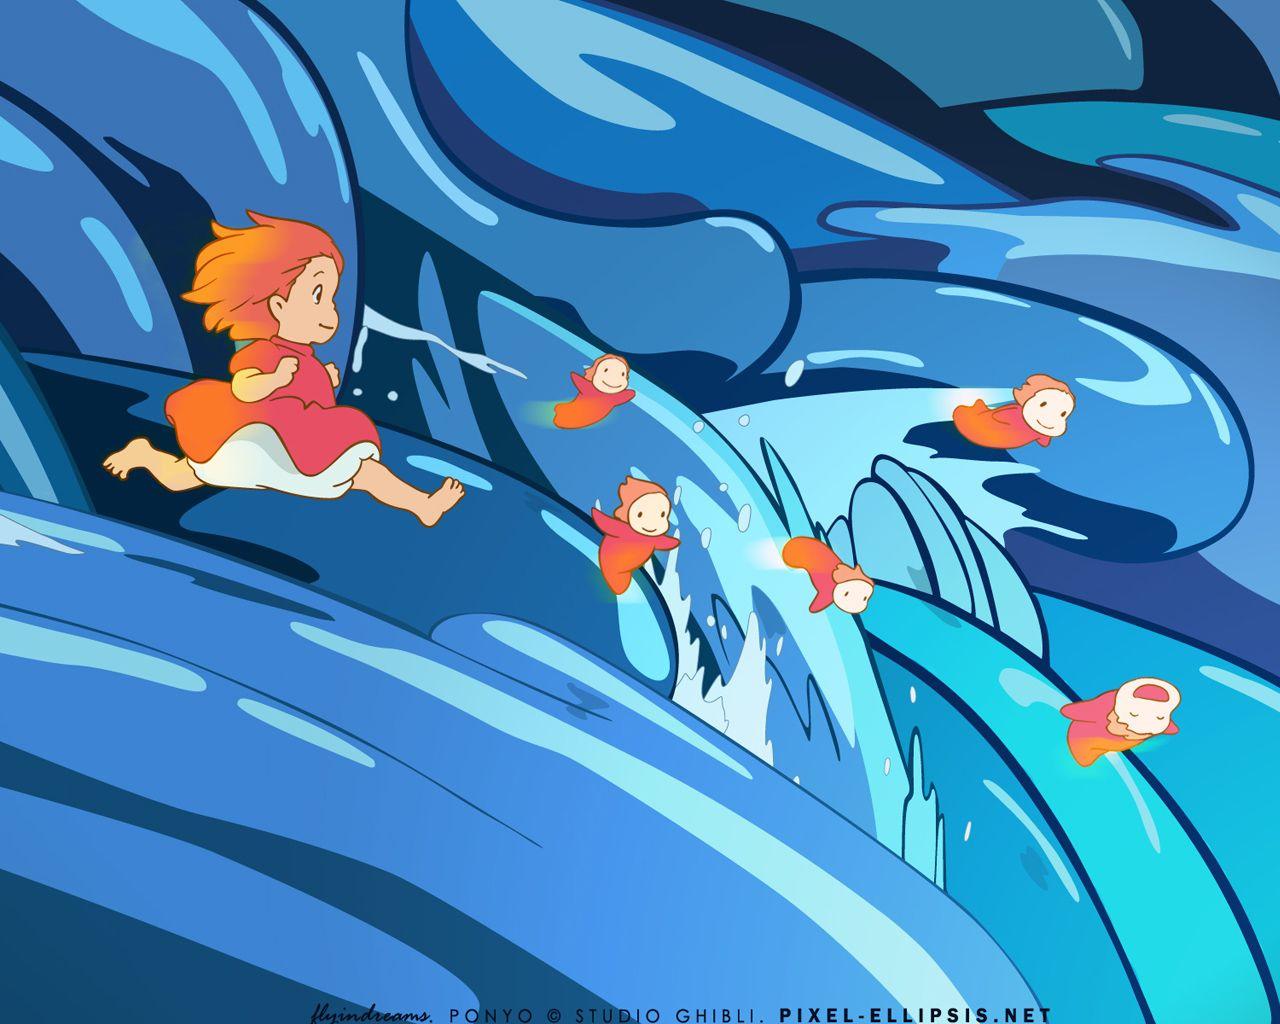 Ghibli art